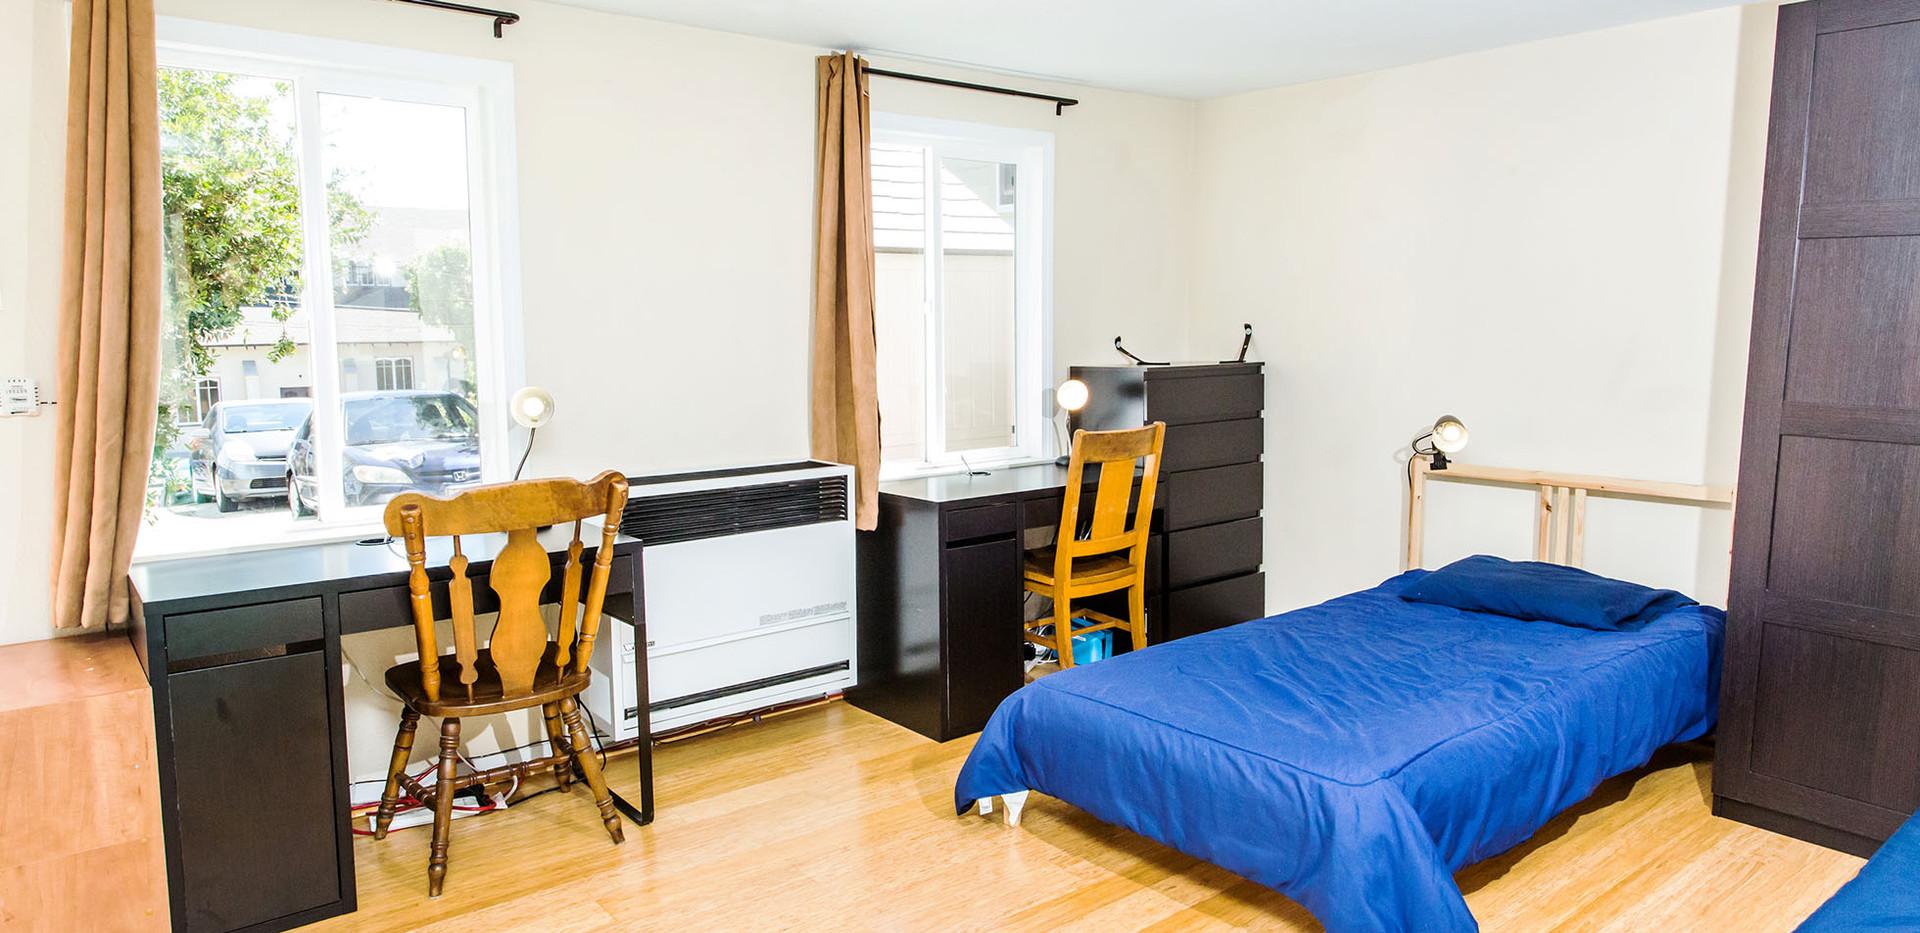 Room 7-2 1960x1210 72 ppi.jpg